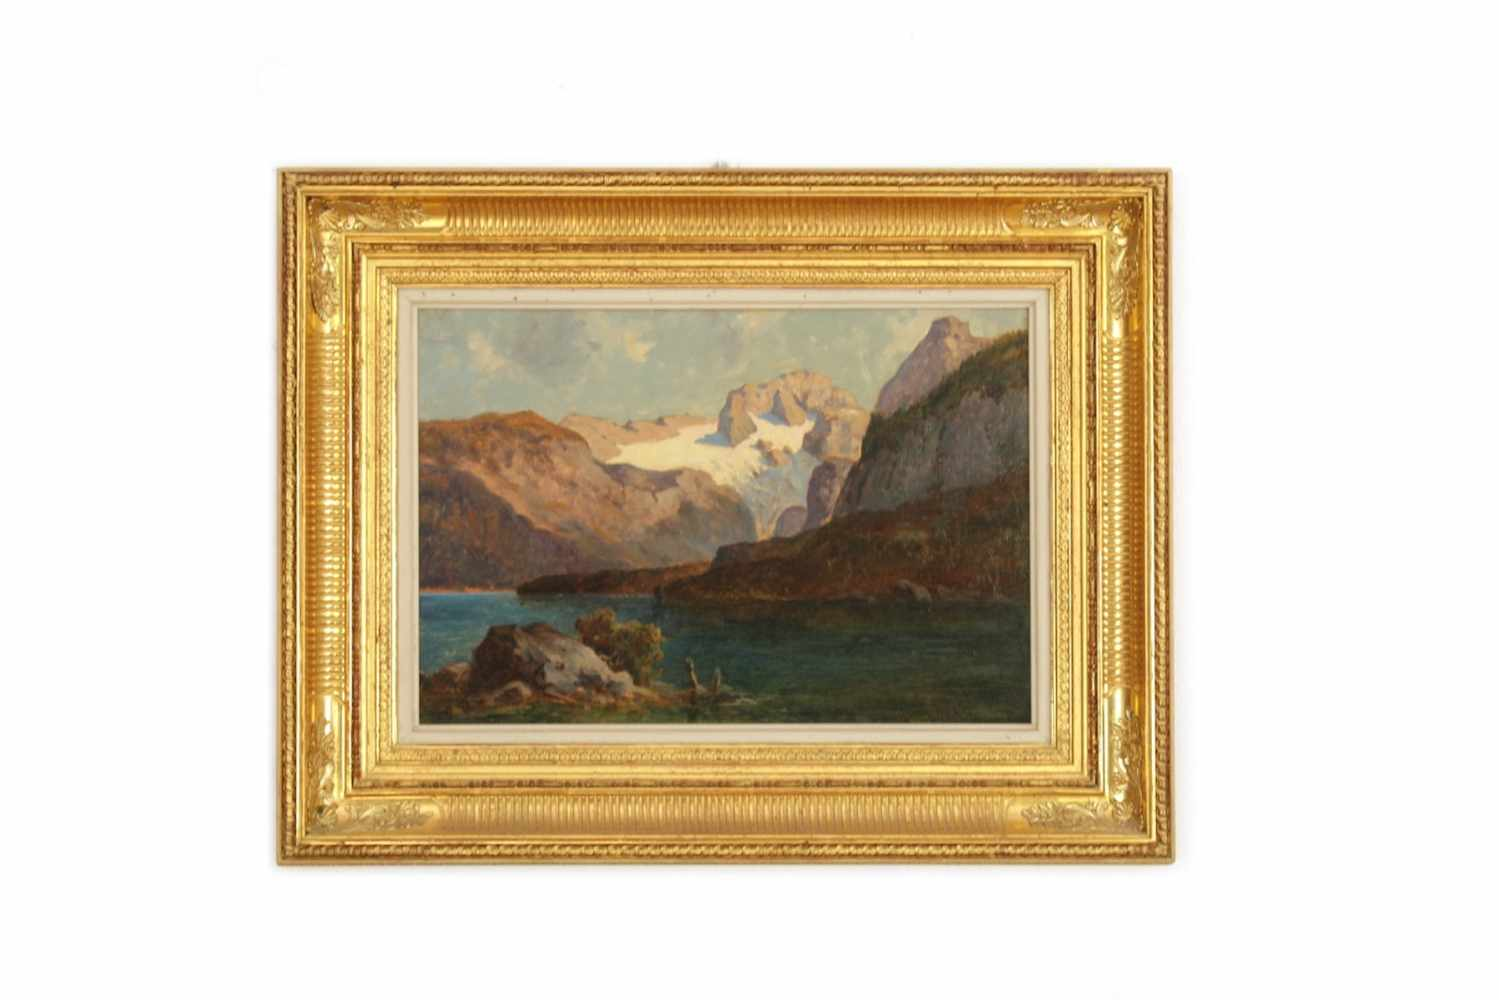 SEENLANDSCHAFT Seenlandschaftsbild, womöglich Salzkammergut, Öl auf Leinwand, 41 x 28 cm, in